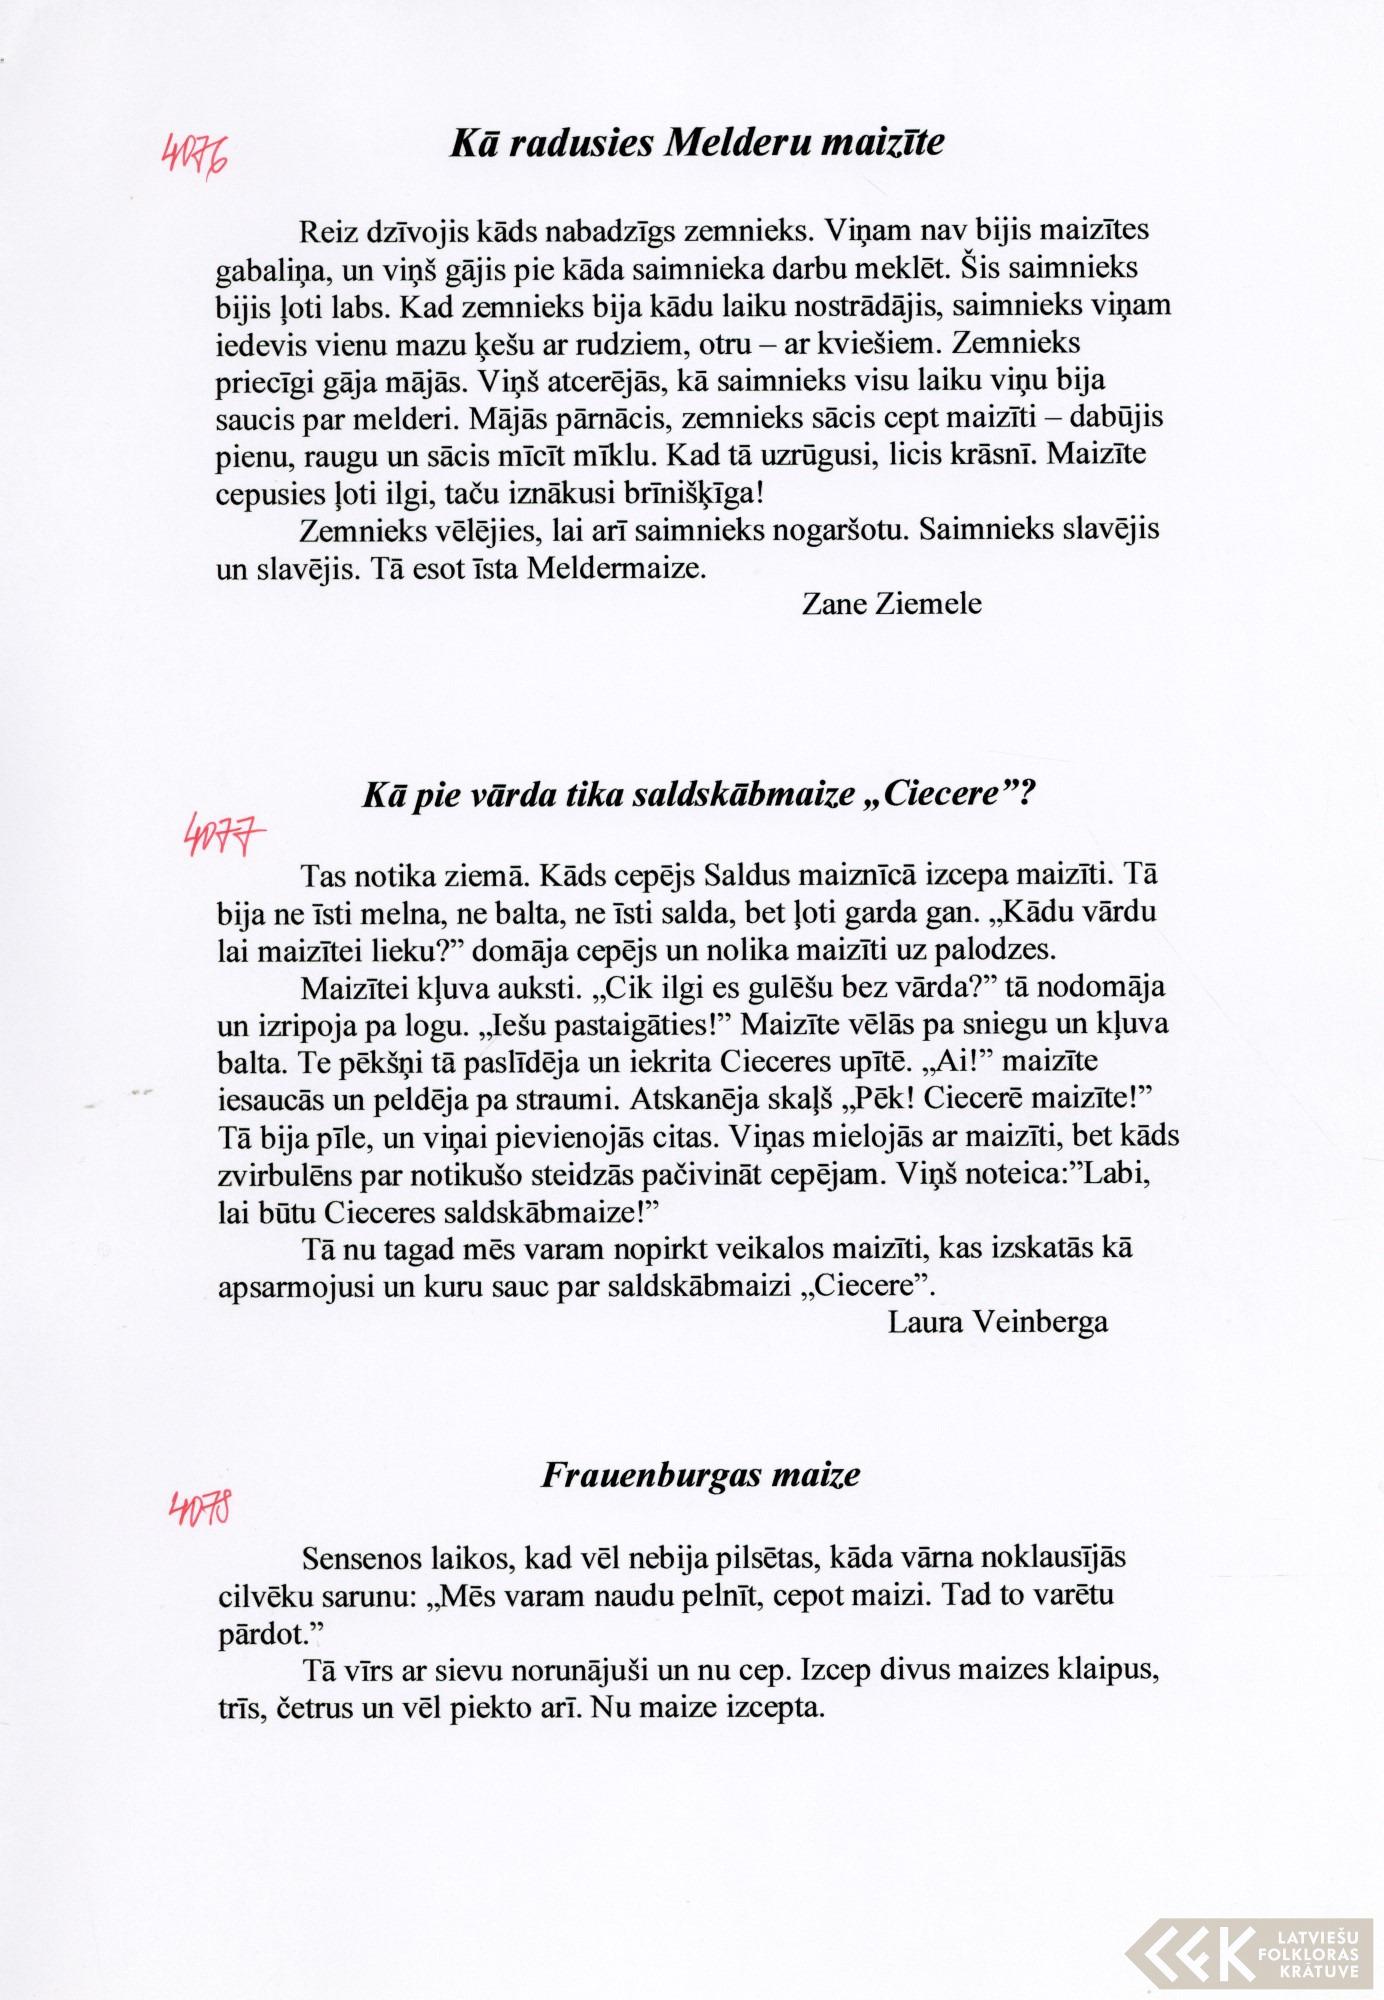 2099-LU-Pedagogijas-psihologijas-fakultate-11-0049